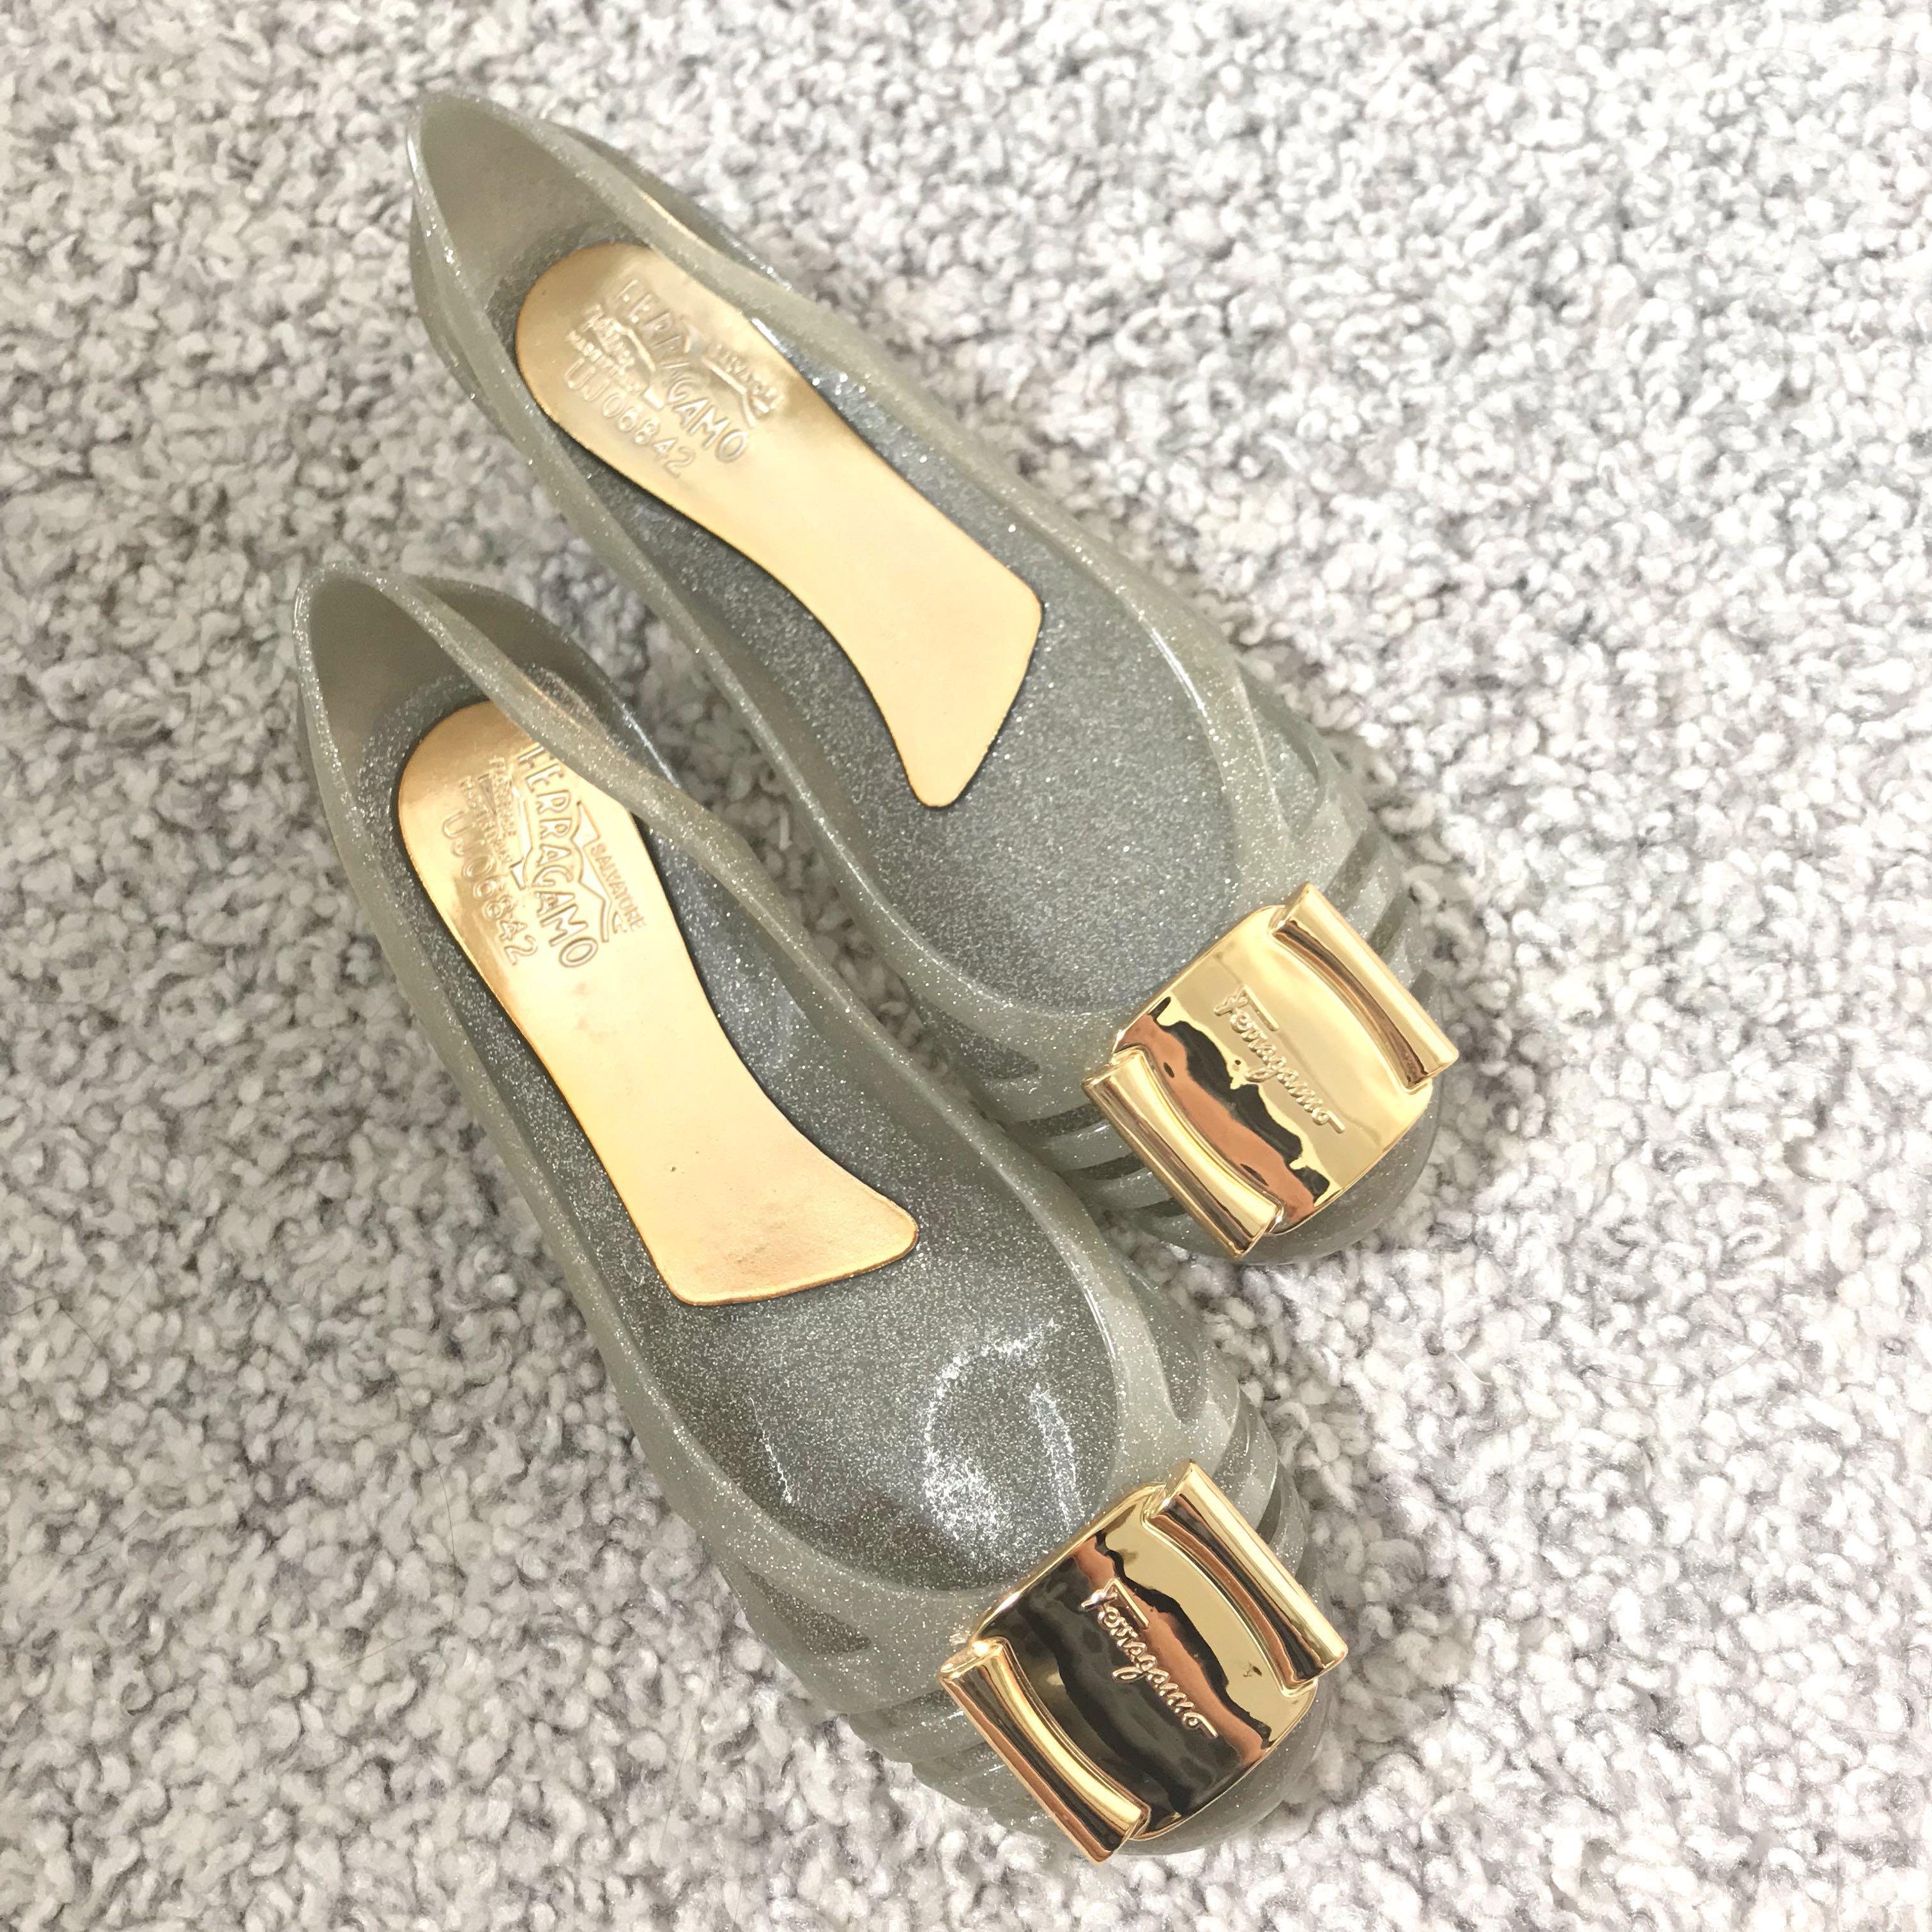 8ea6bf635d2 Salvatore Ferragamo Bermuda Jelly Shoes Flats Wedges